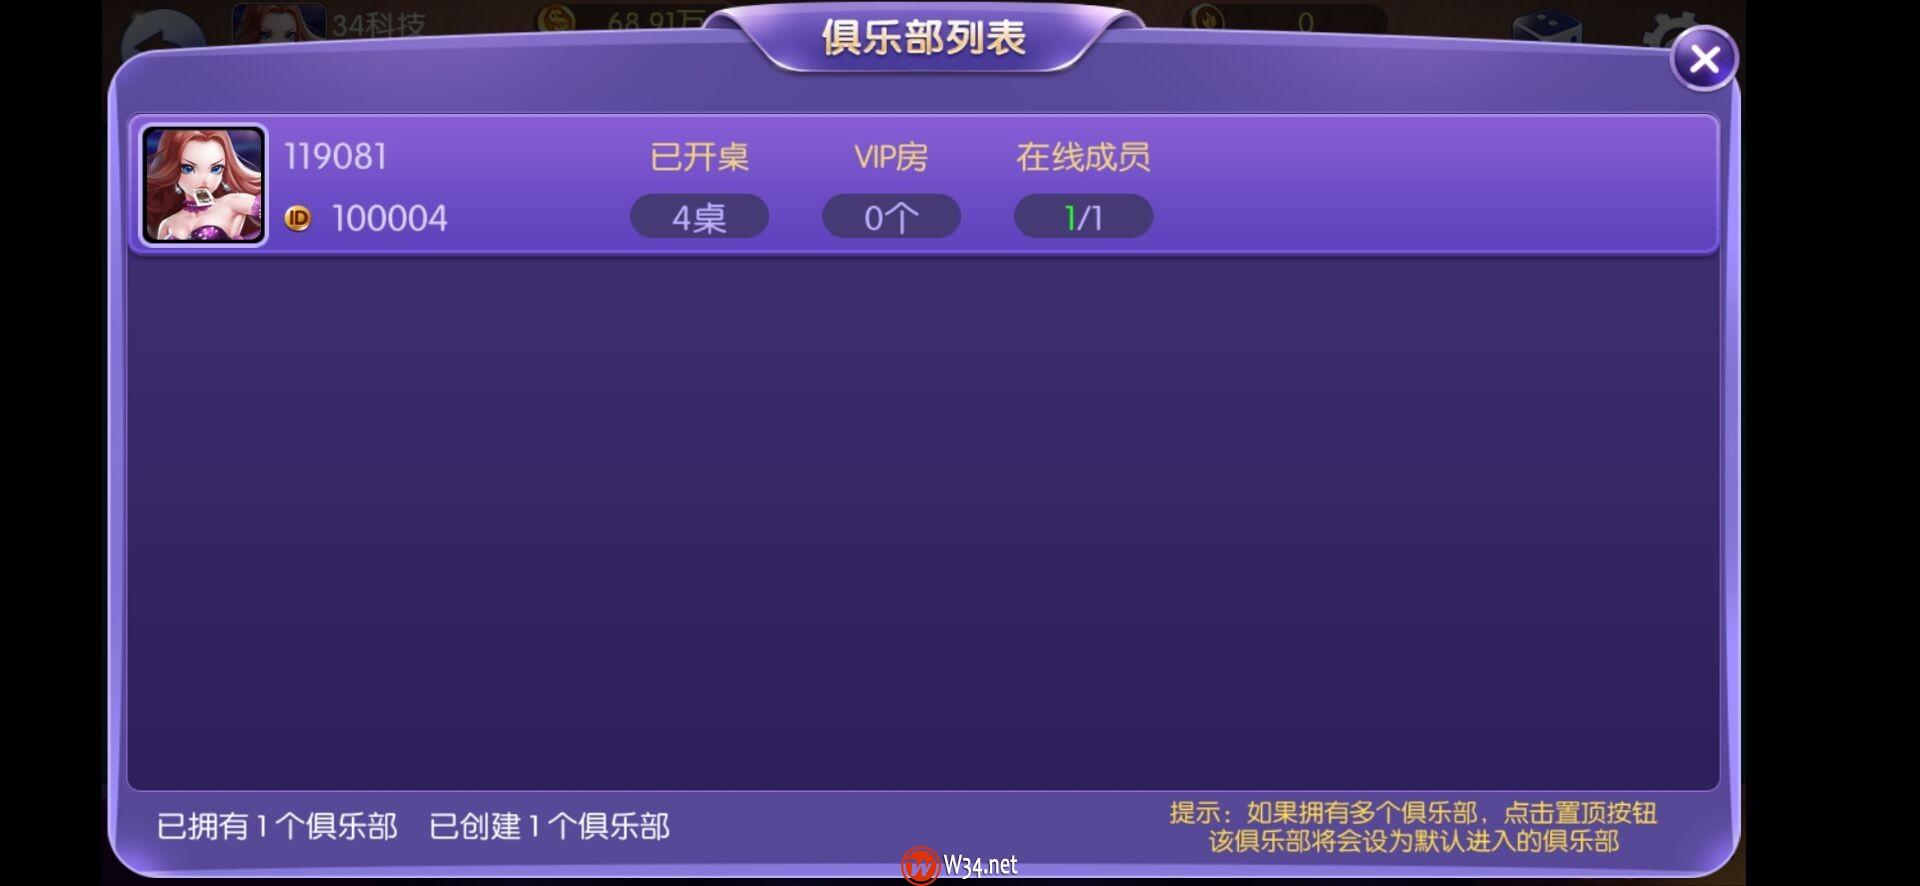 五游联盟双模式-带视频教程插图(29)